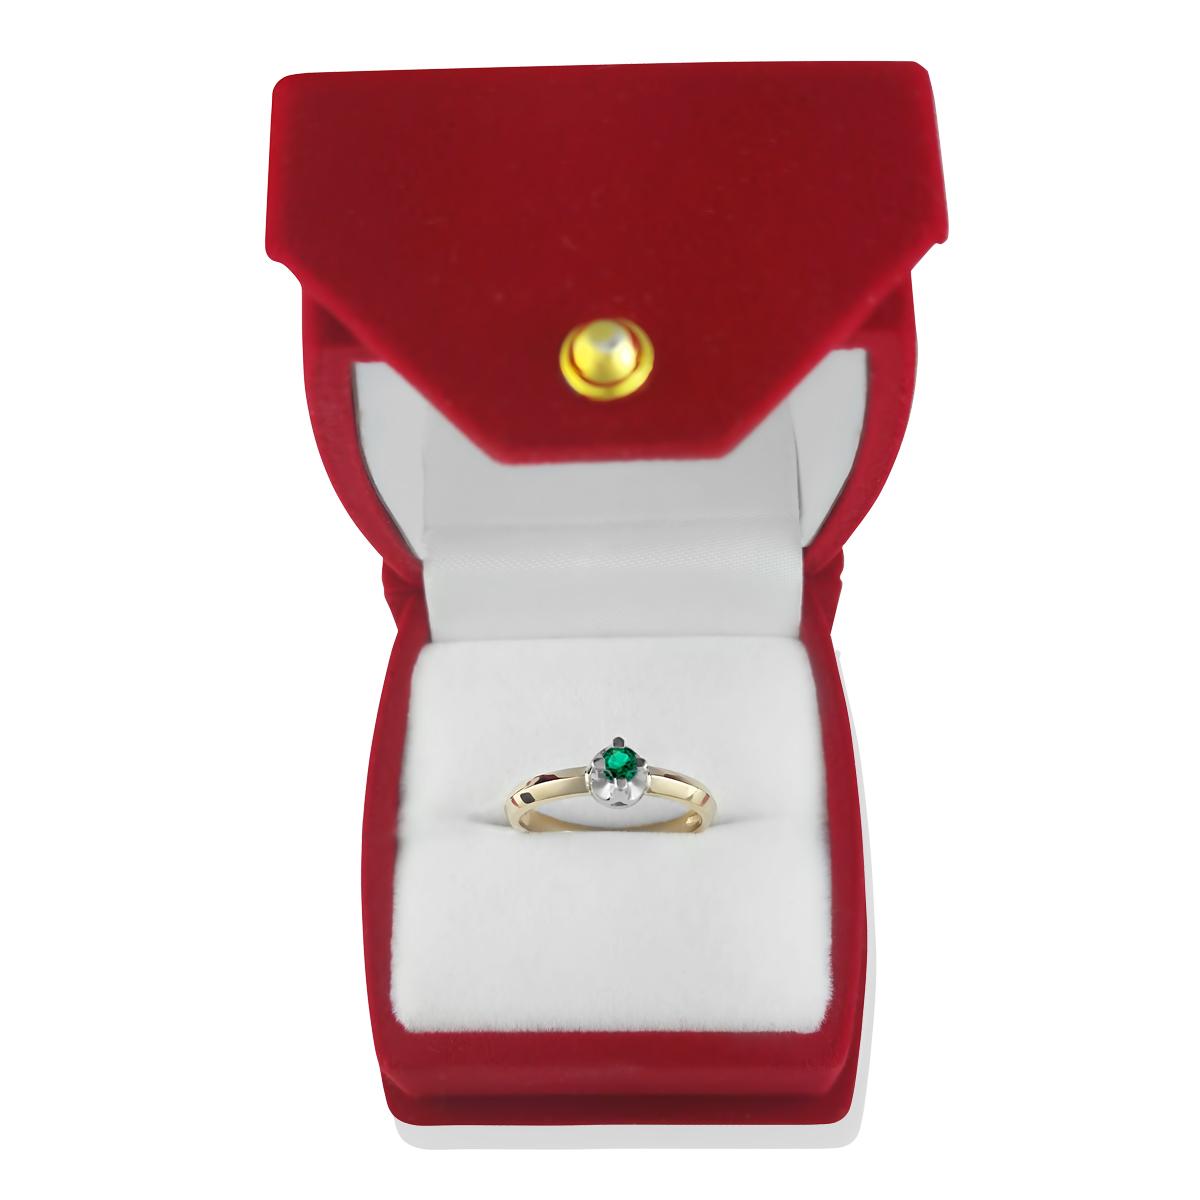 Золоте кольцо для заручин з смарагдом 0.06 Ct «Софі»